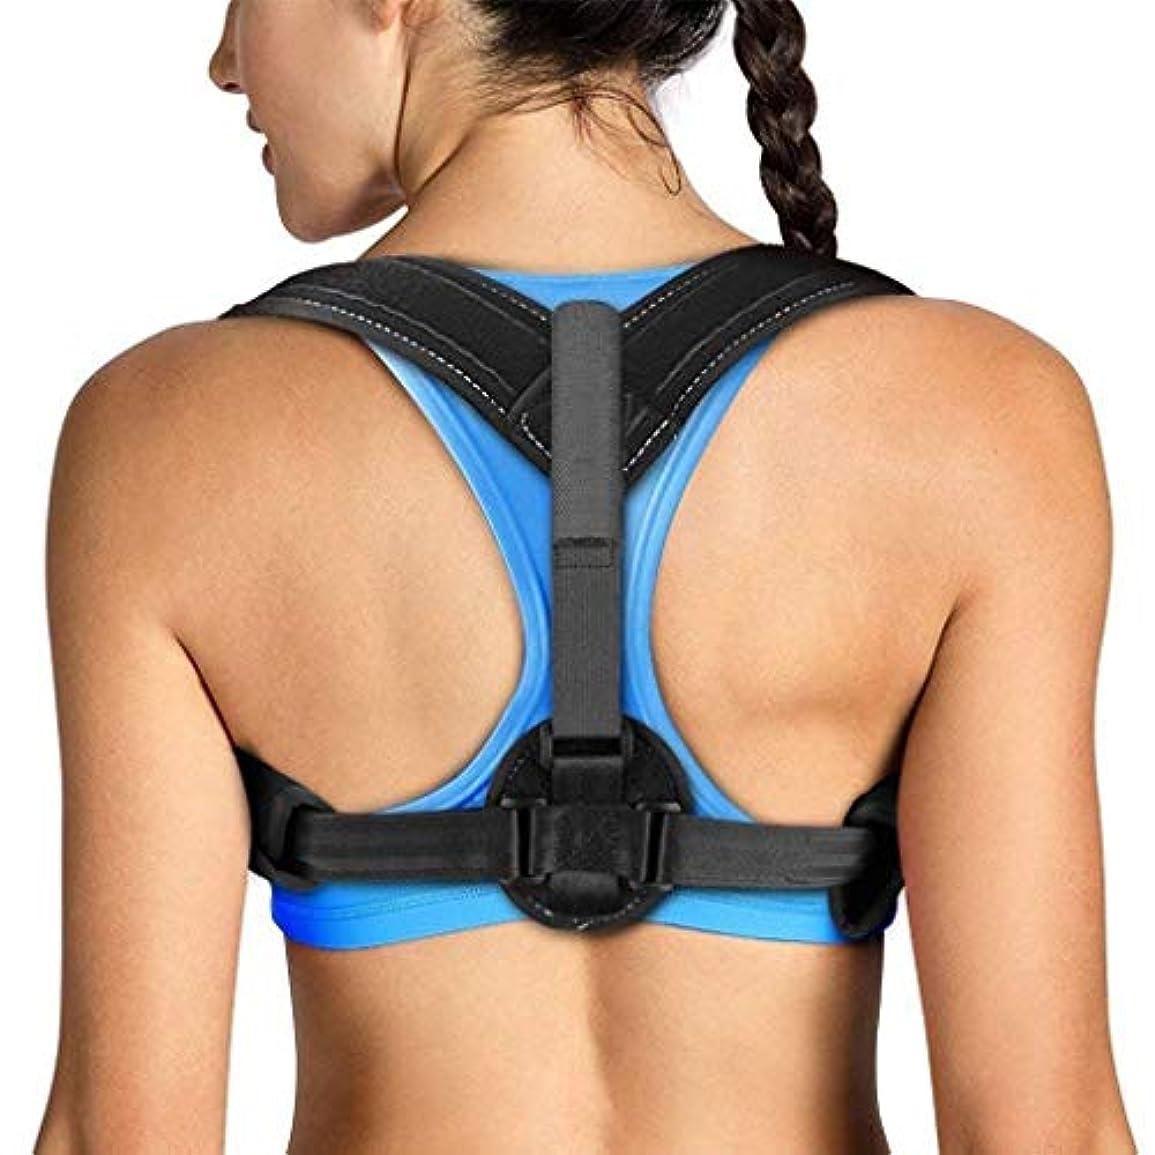 背部サポート姿勢の装具 - 男性と女性のために適したは逆転姿勢矯正(ワンサイズ)を防ぐために調整することができます